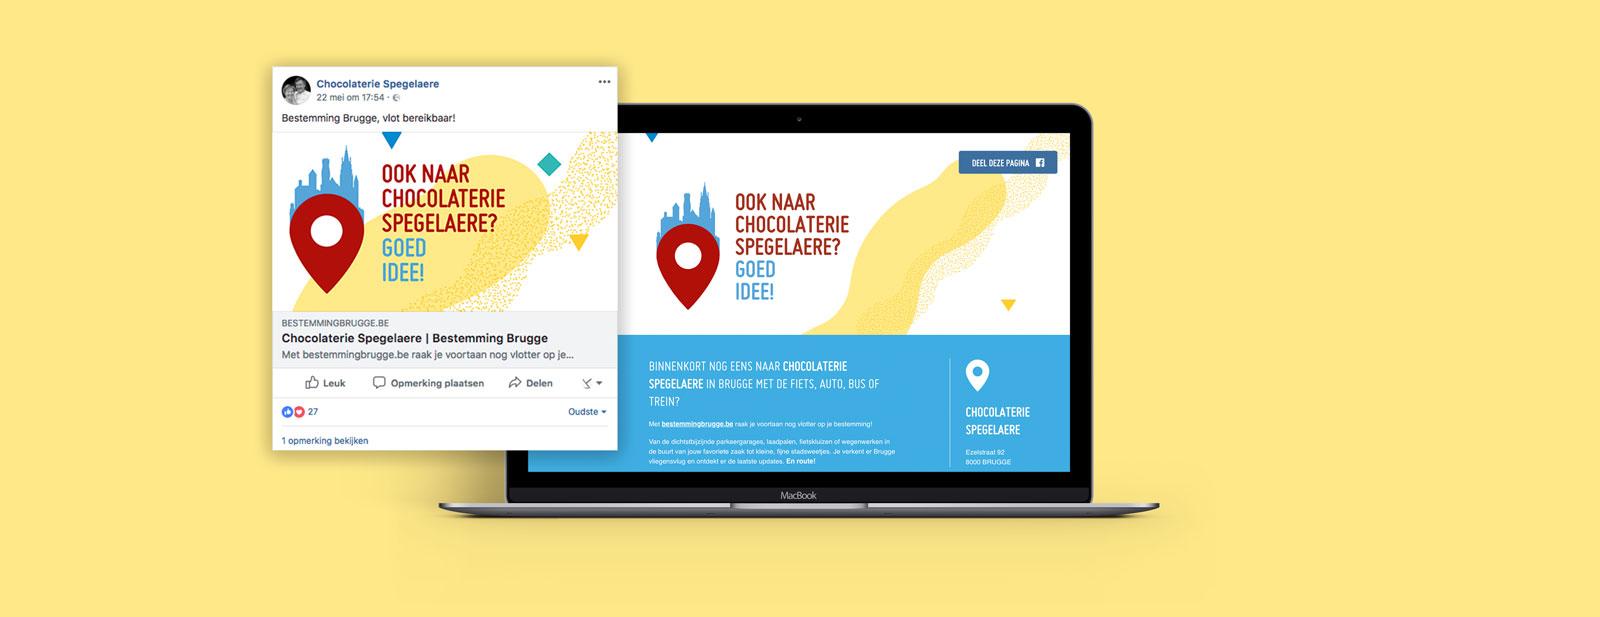 Gepersonaliseerde reclame voor de bereikbaarheidscampagne voor Stad Brugge